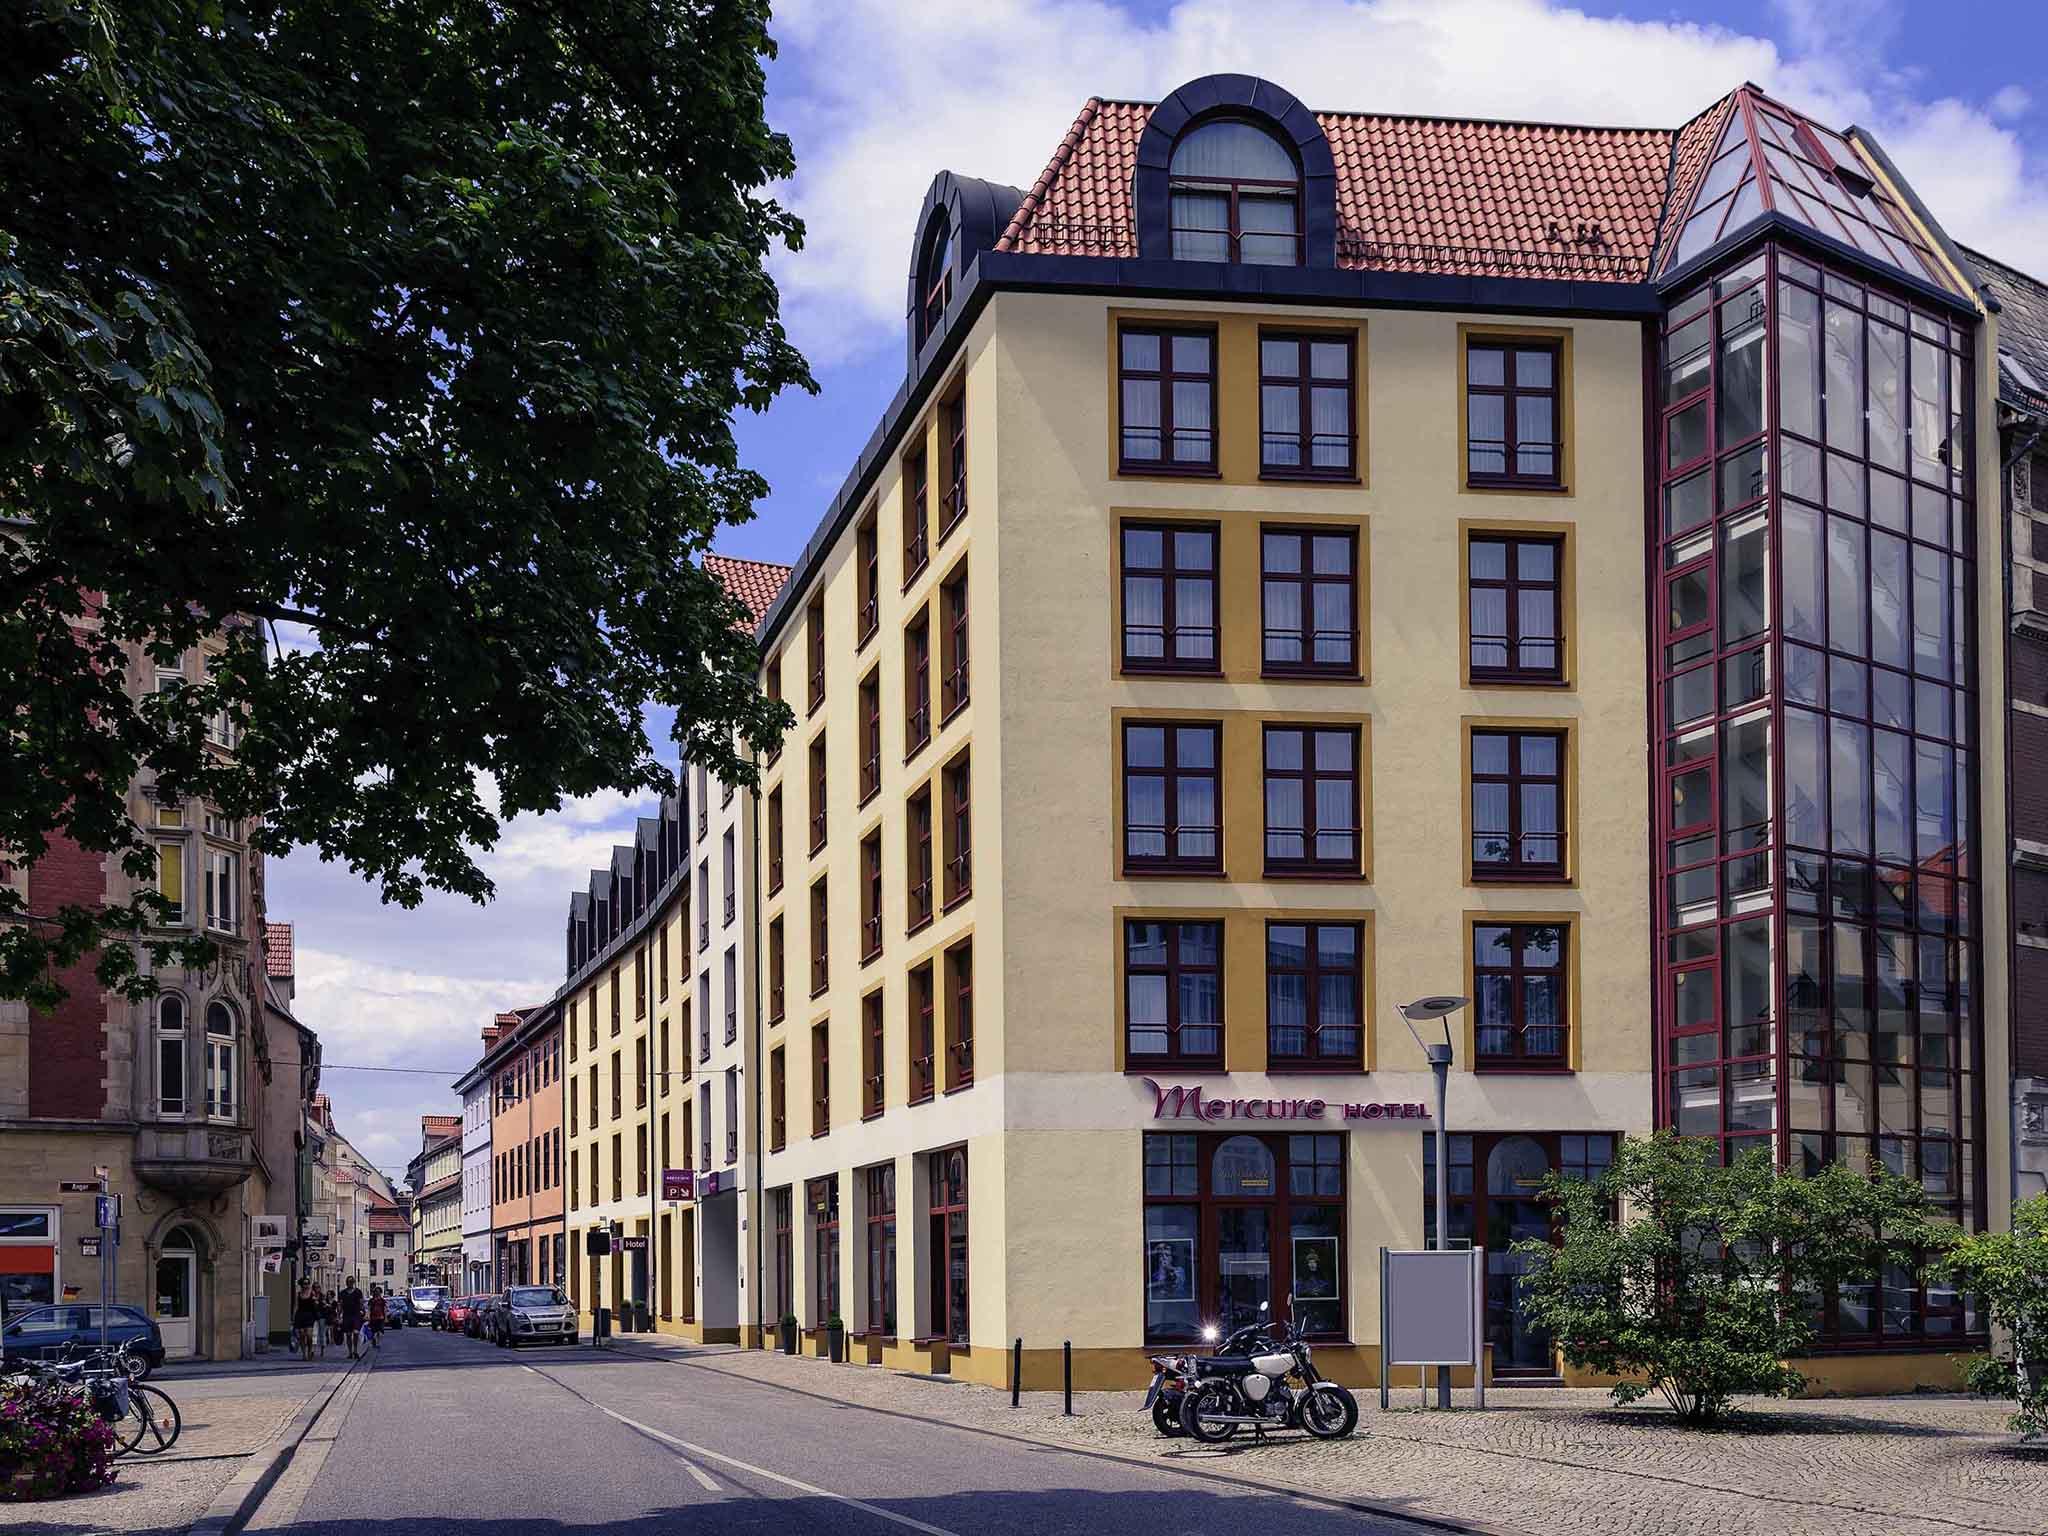 Hotell – Mercure Hotel Erfurt Altstadt